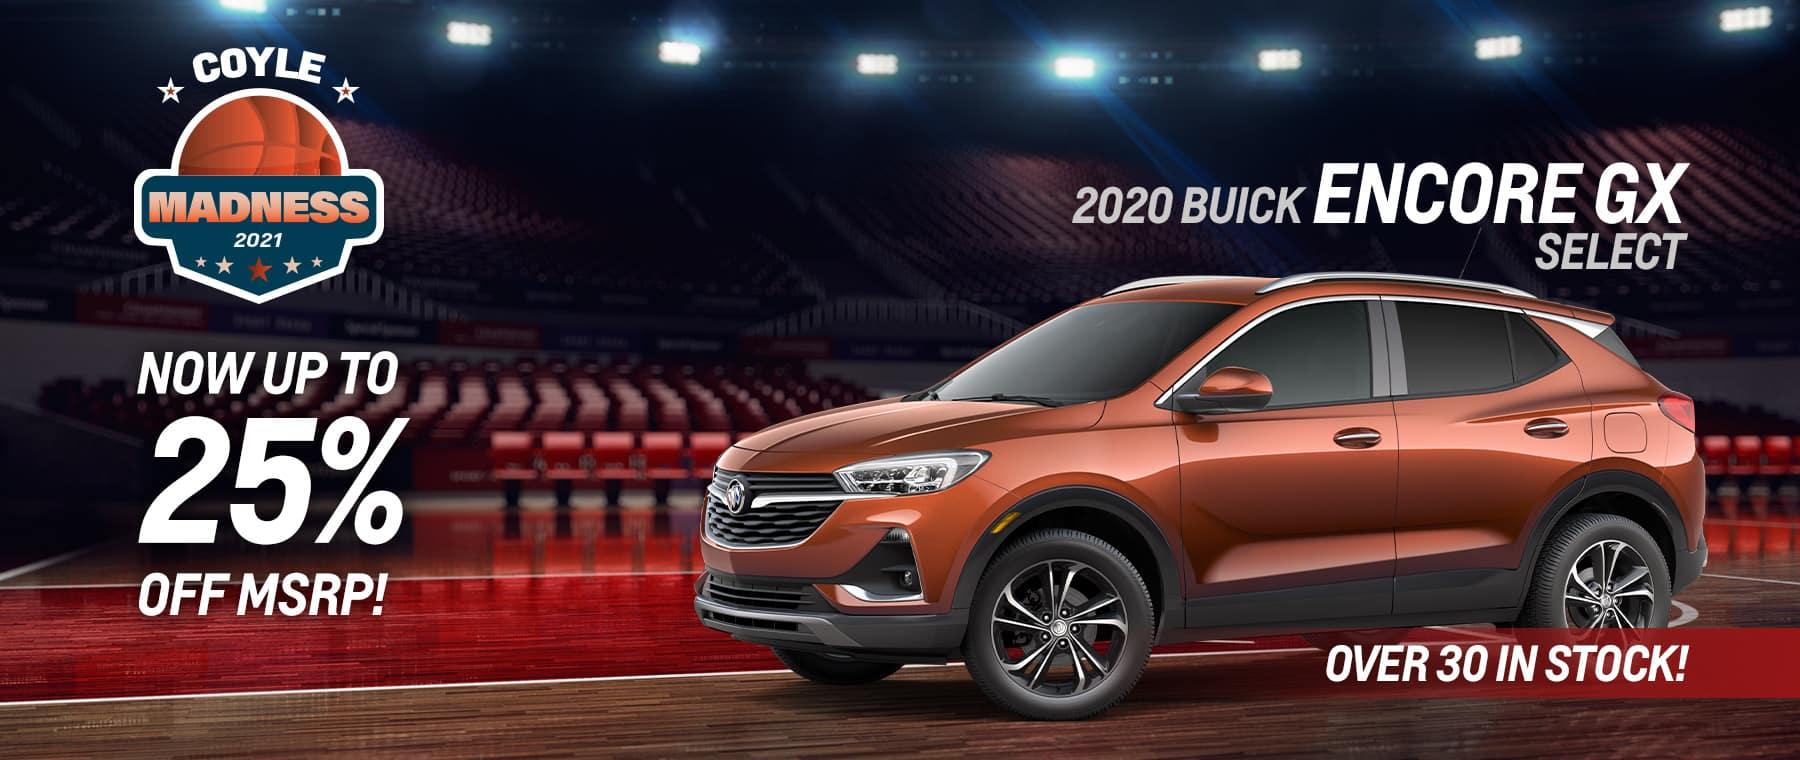 Best rebate offer on a new 2020 Encore GX near Clarksville IN